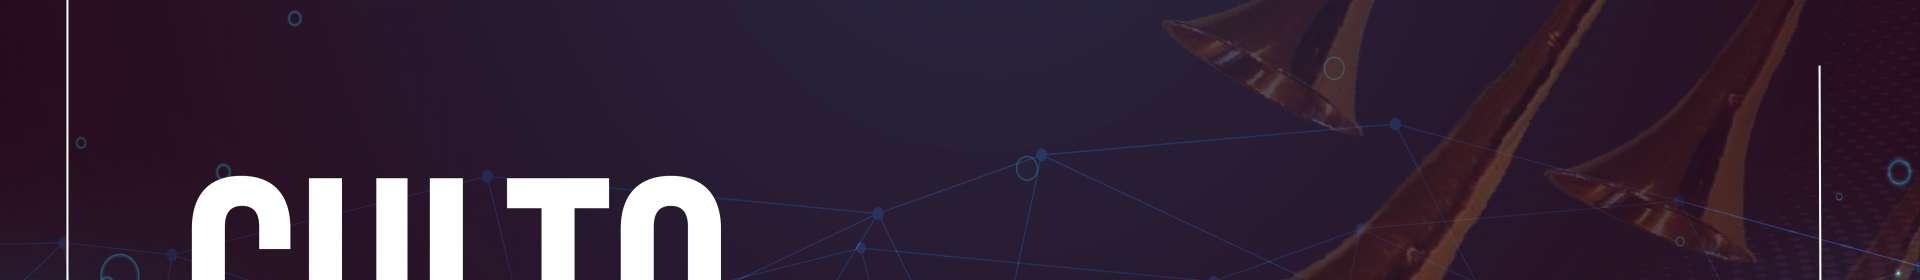 Culto via satélite exibido em 16/02/2020